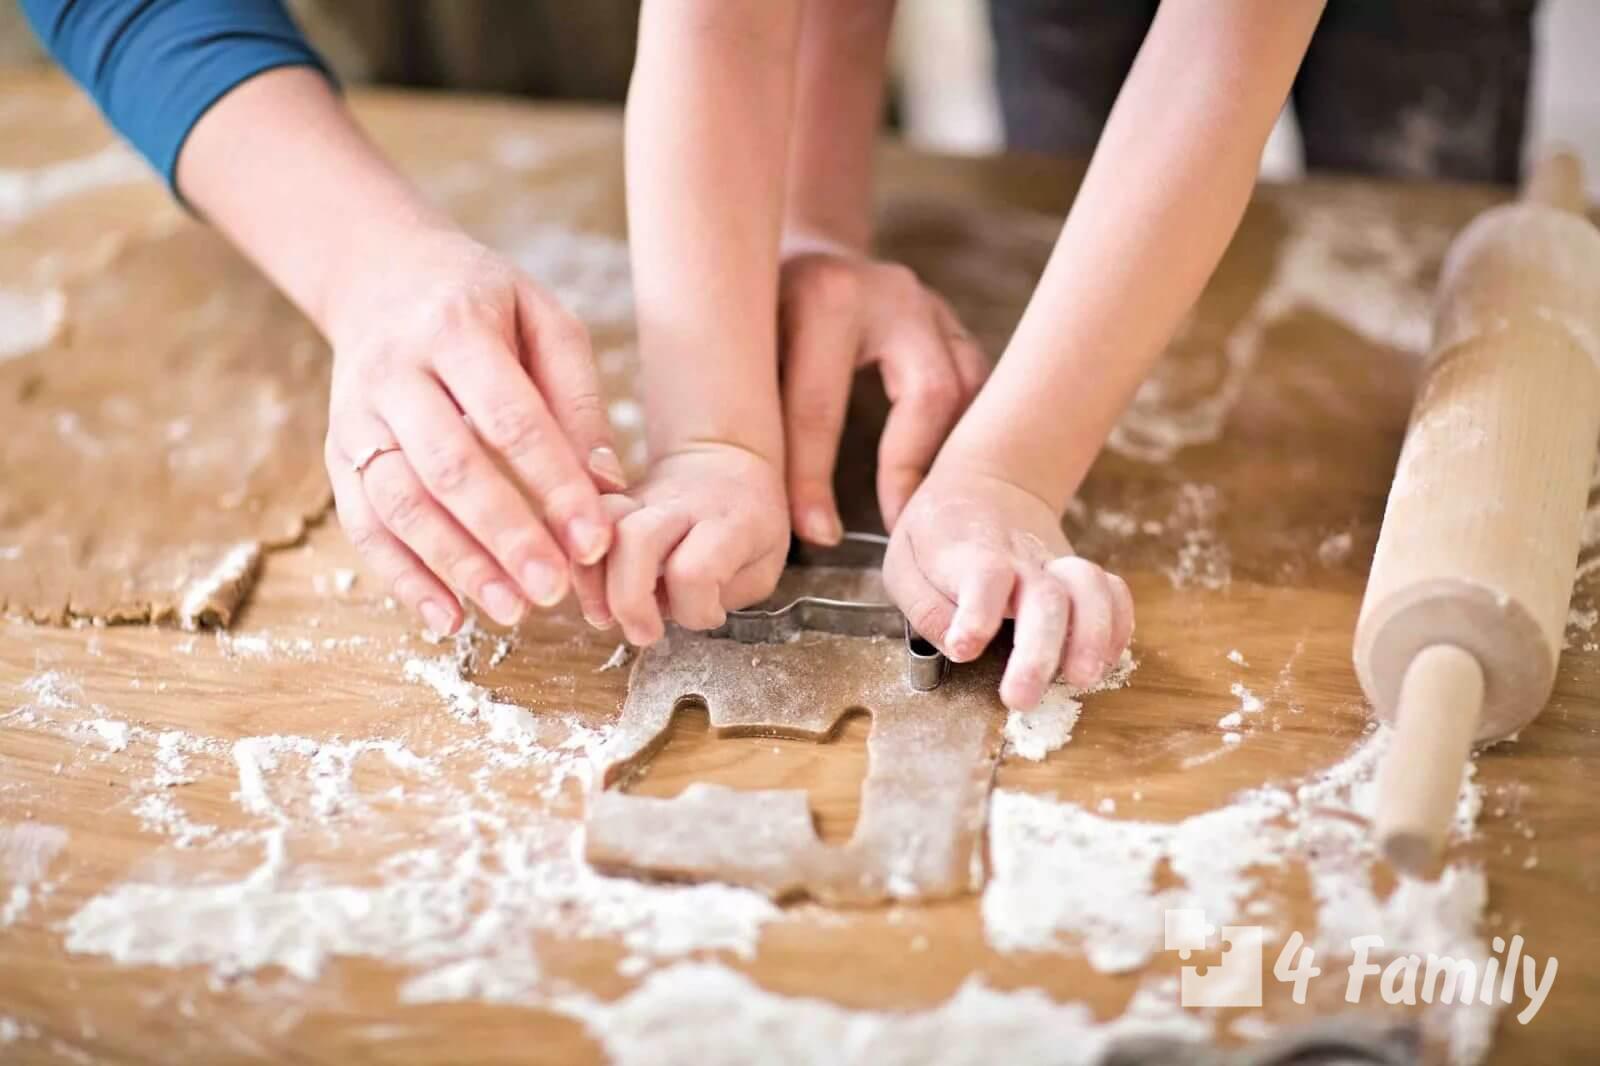 4family Как воспитать трудолюбие у ребенка